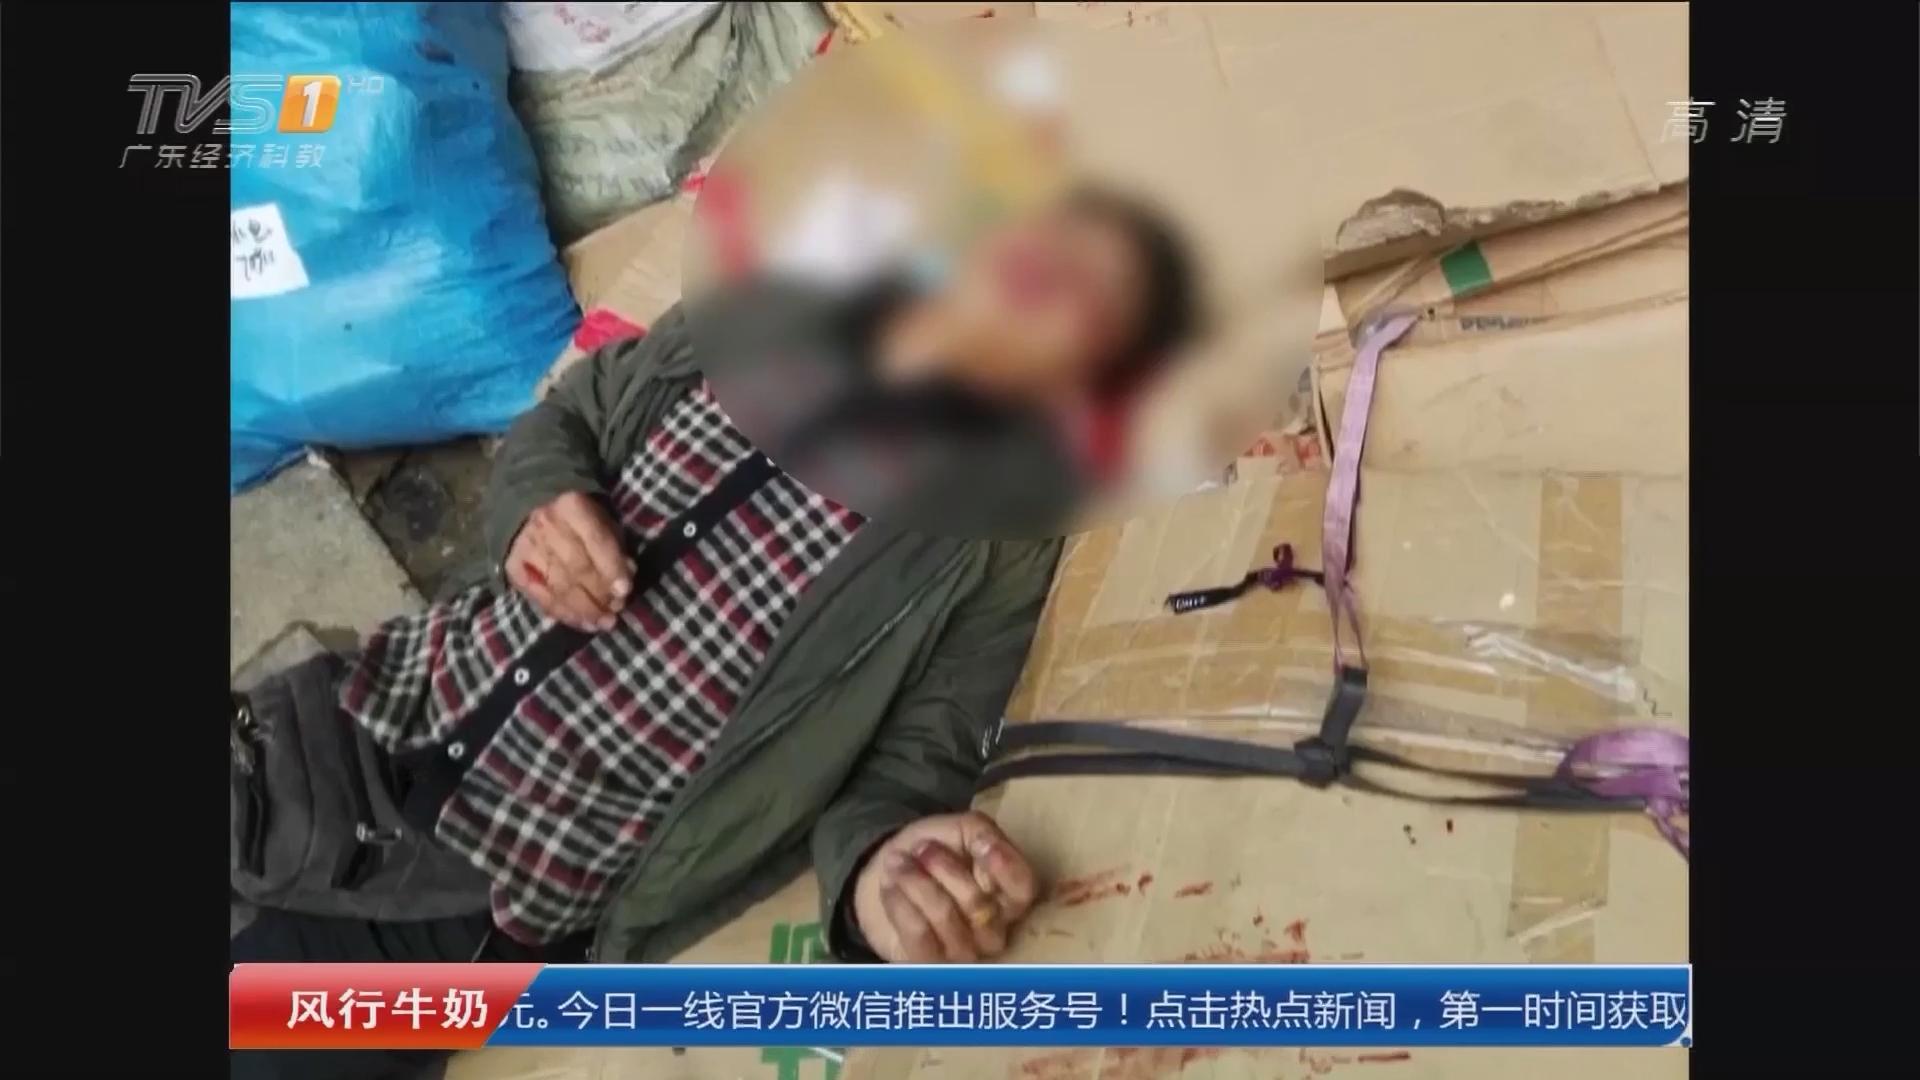 深圳龙华:被疑抢生意 竟遭老友铁棍敲头